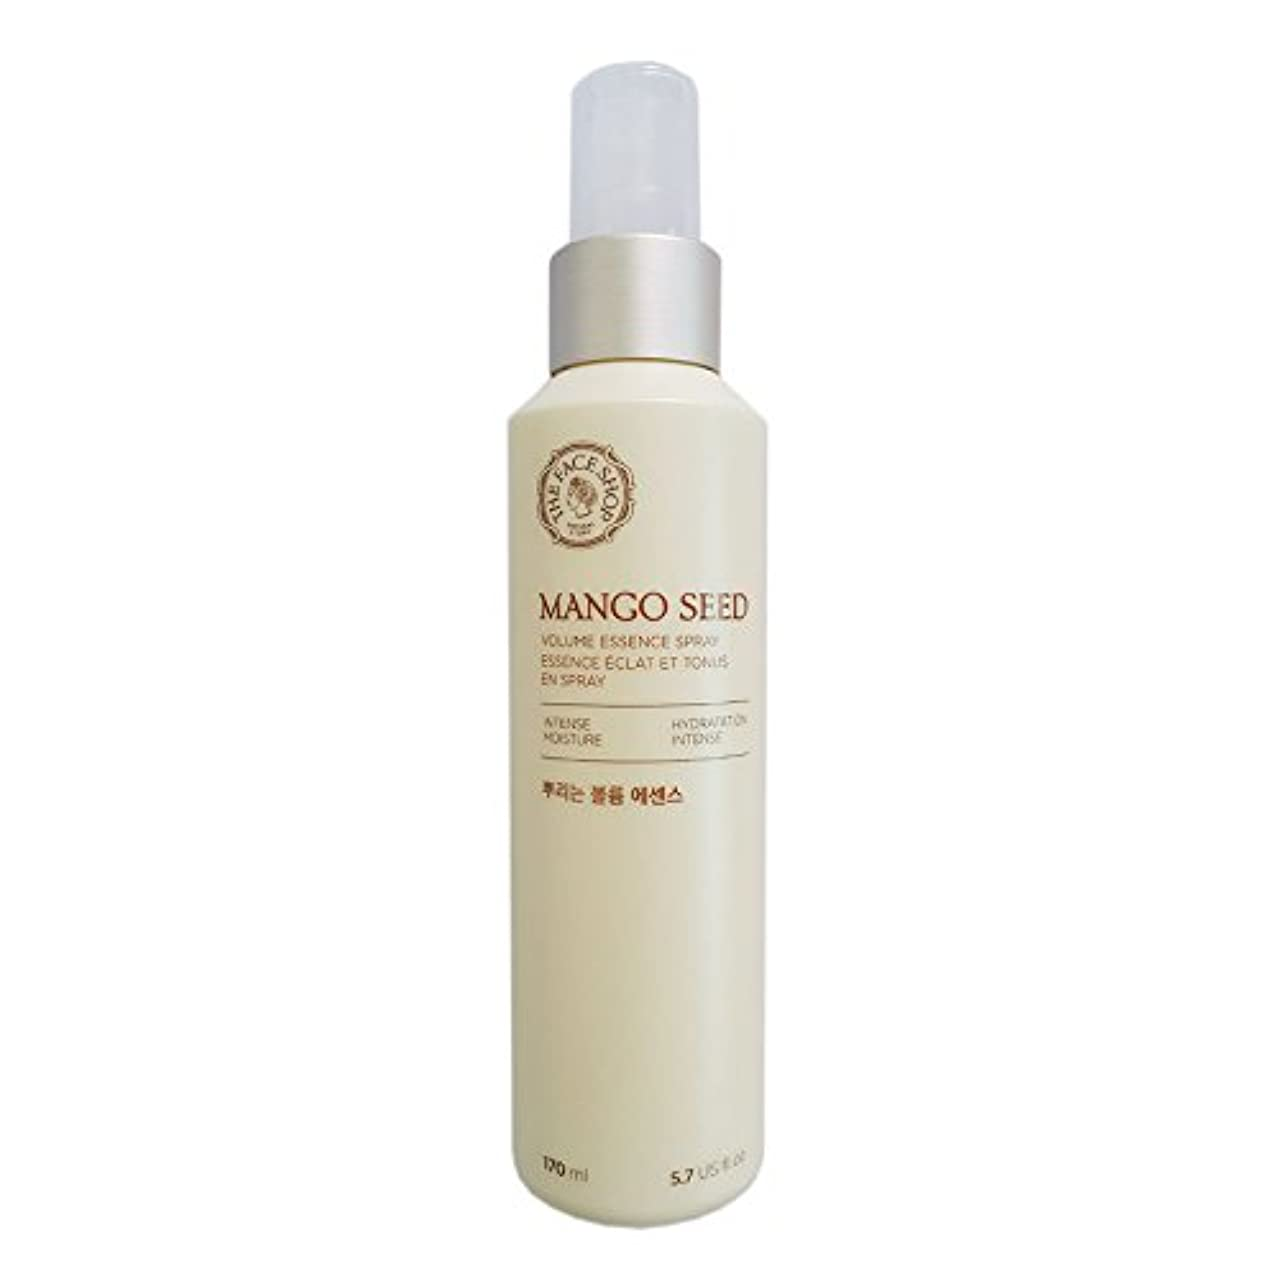 違反するお洋服[ザフェイスショップ] THE FACE SHOP マンゴシードスプレーボリューム?エッセンス(170ml) The Face Shop Mango Seed Volume Essence Spray (170ml) [...